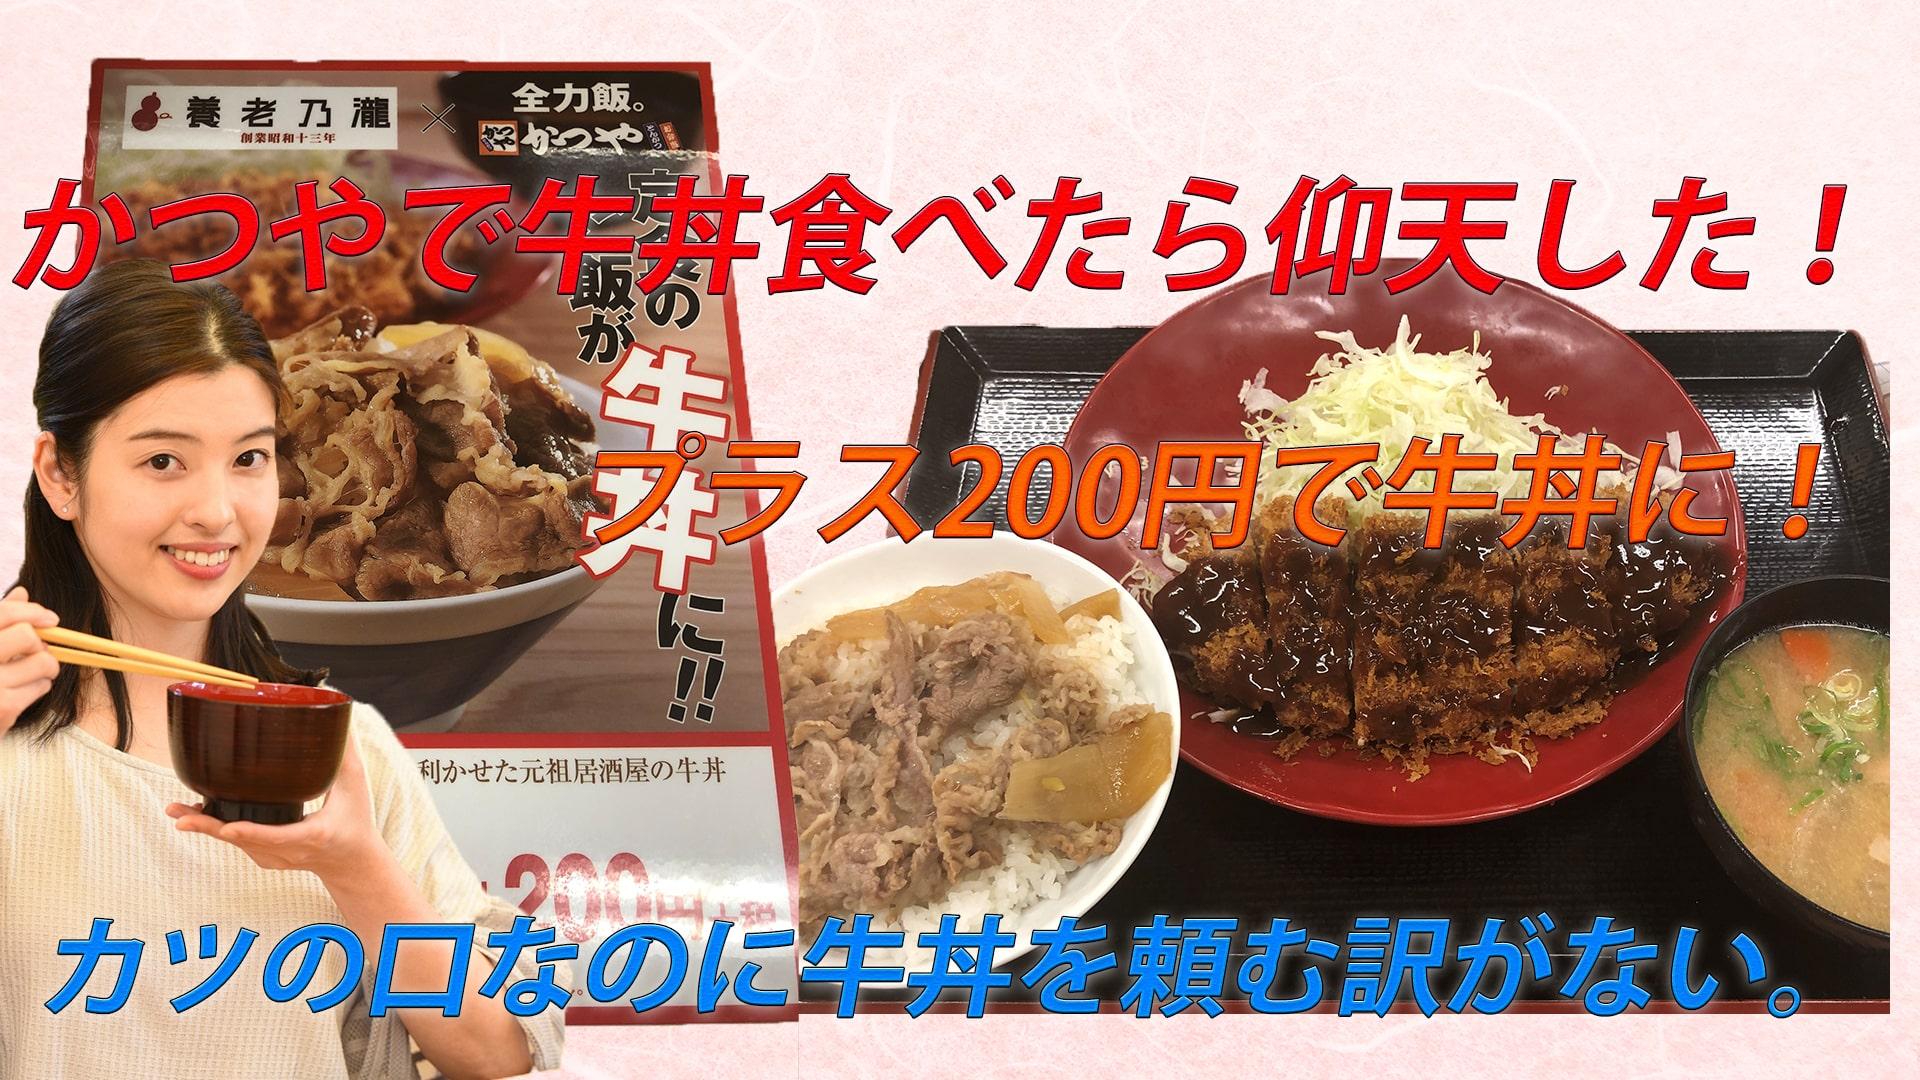 かつや、プラス200円で定食のご飯を牛丼に変えられる!仰天した件。